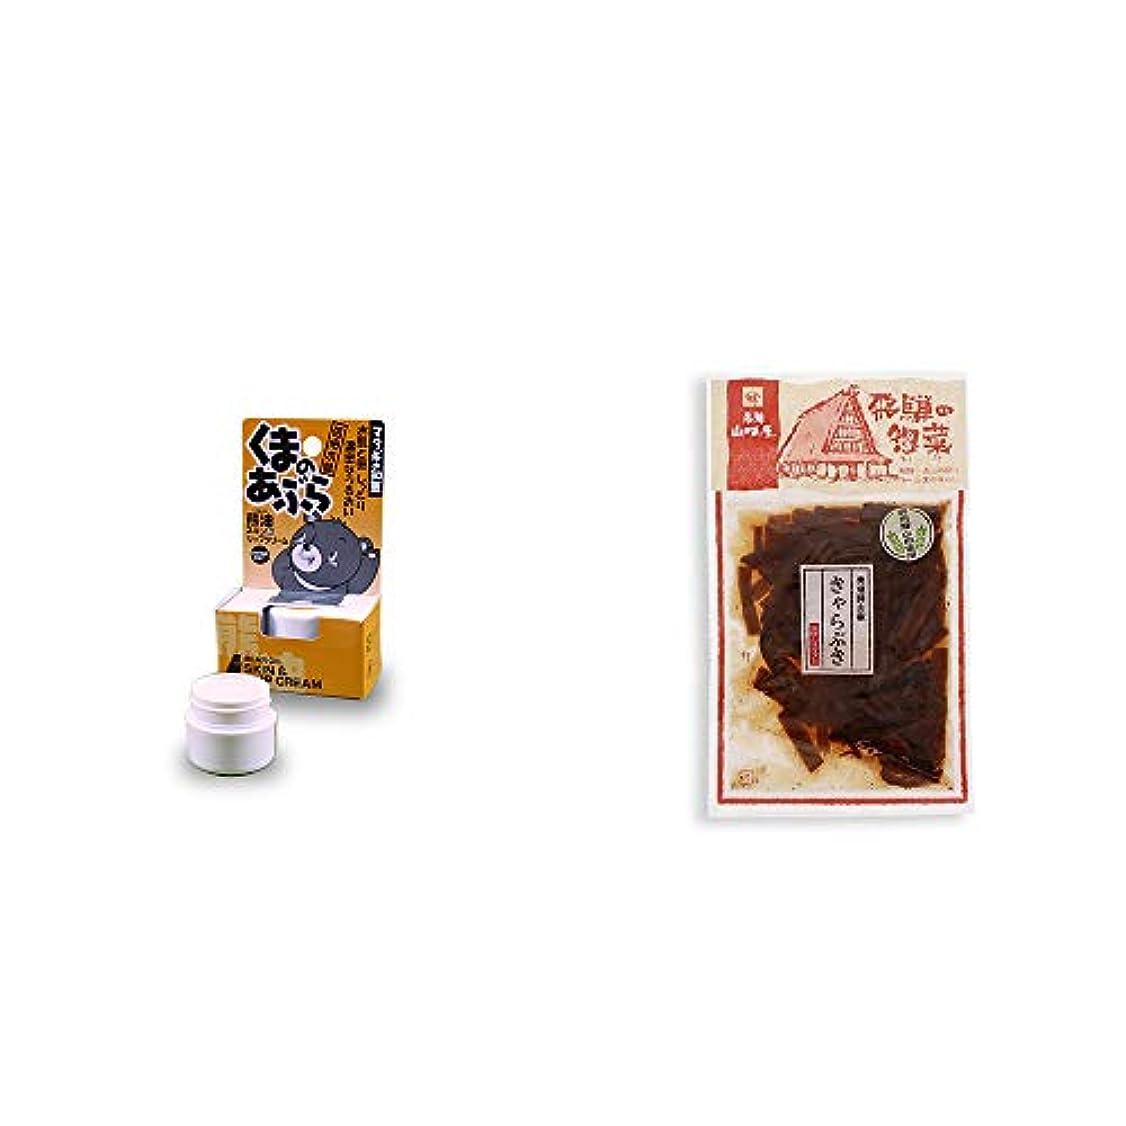 学者タンパク質抑止する[2点セット] 信州木曽 くまのあぶら 熊油スキン&リップクリーム(9g)?飛騨山味屋 奥飛騨山椒きゃらぶき(120g)